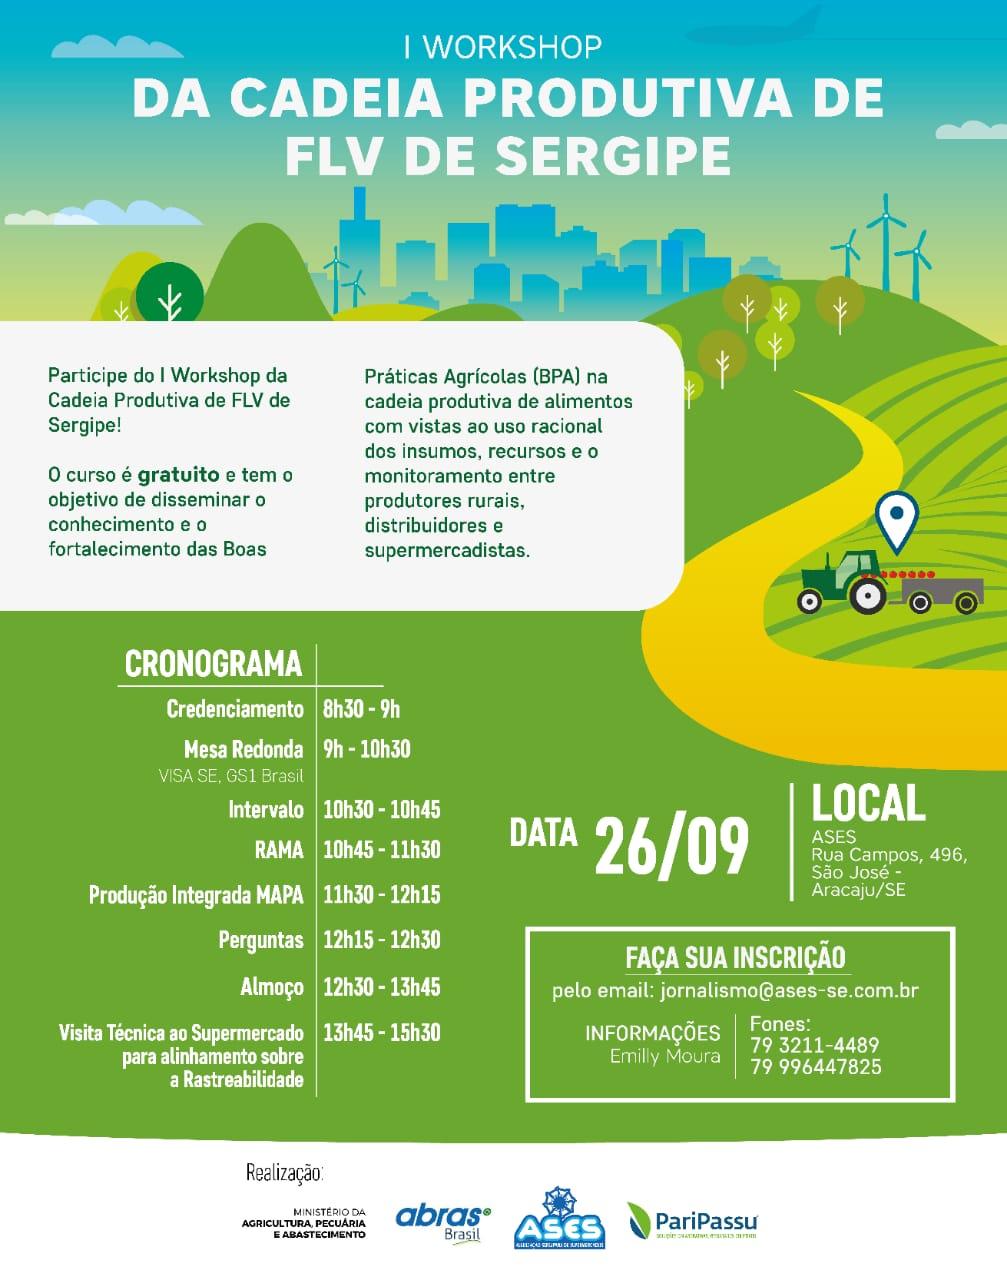 ABRAS e ASES promovem workshop da cadeia produtiva de FLV em Sergipe 4963942bda08b